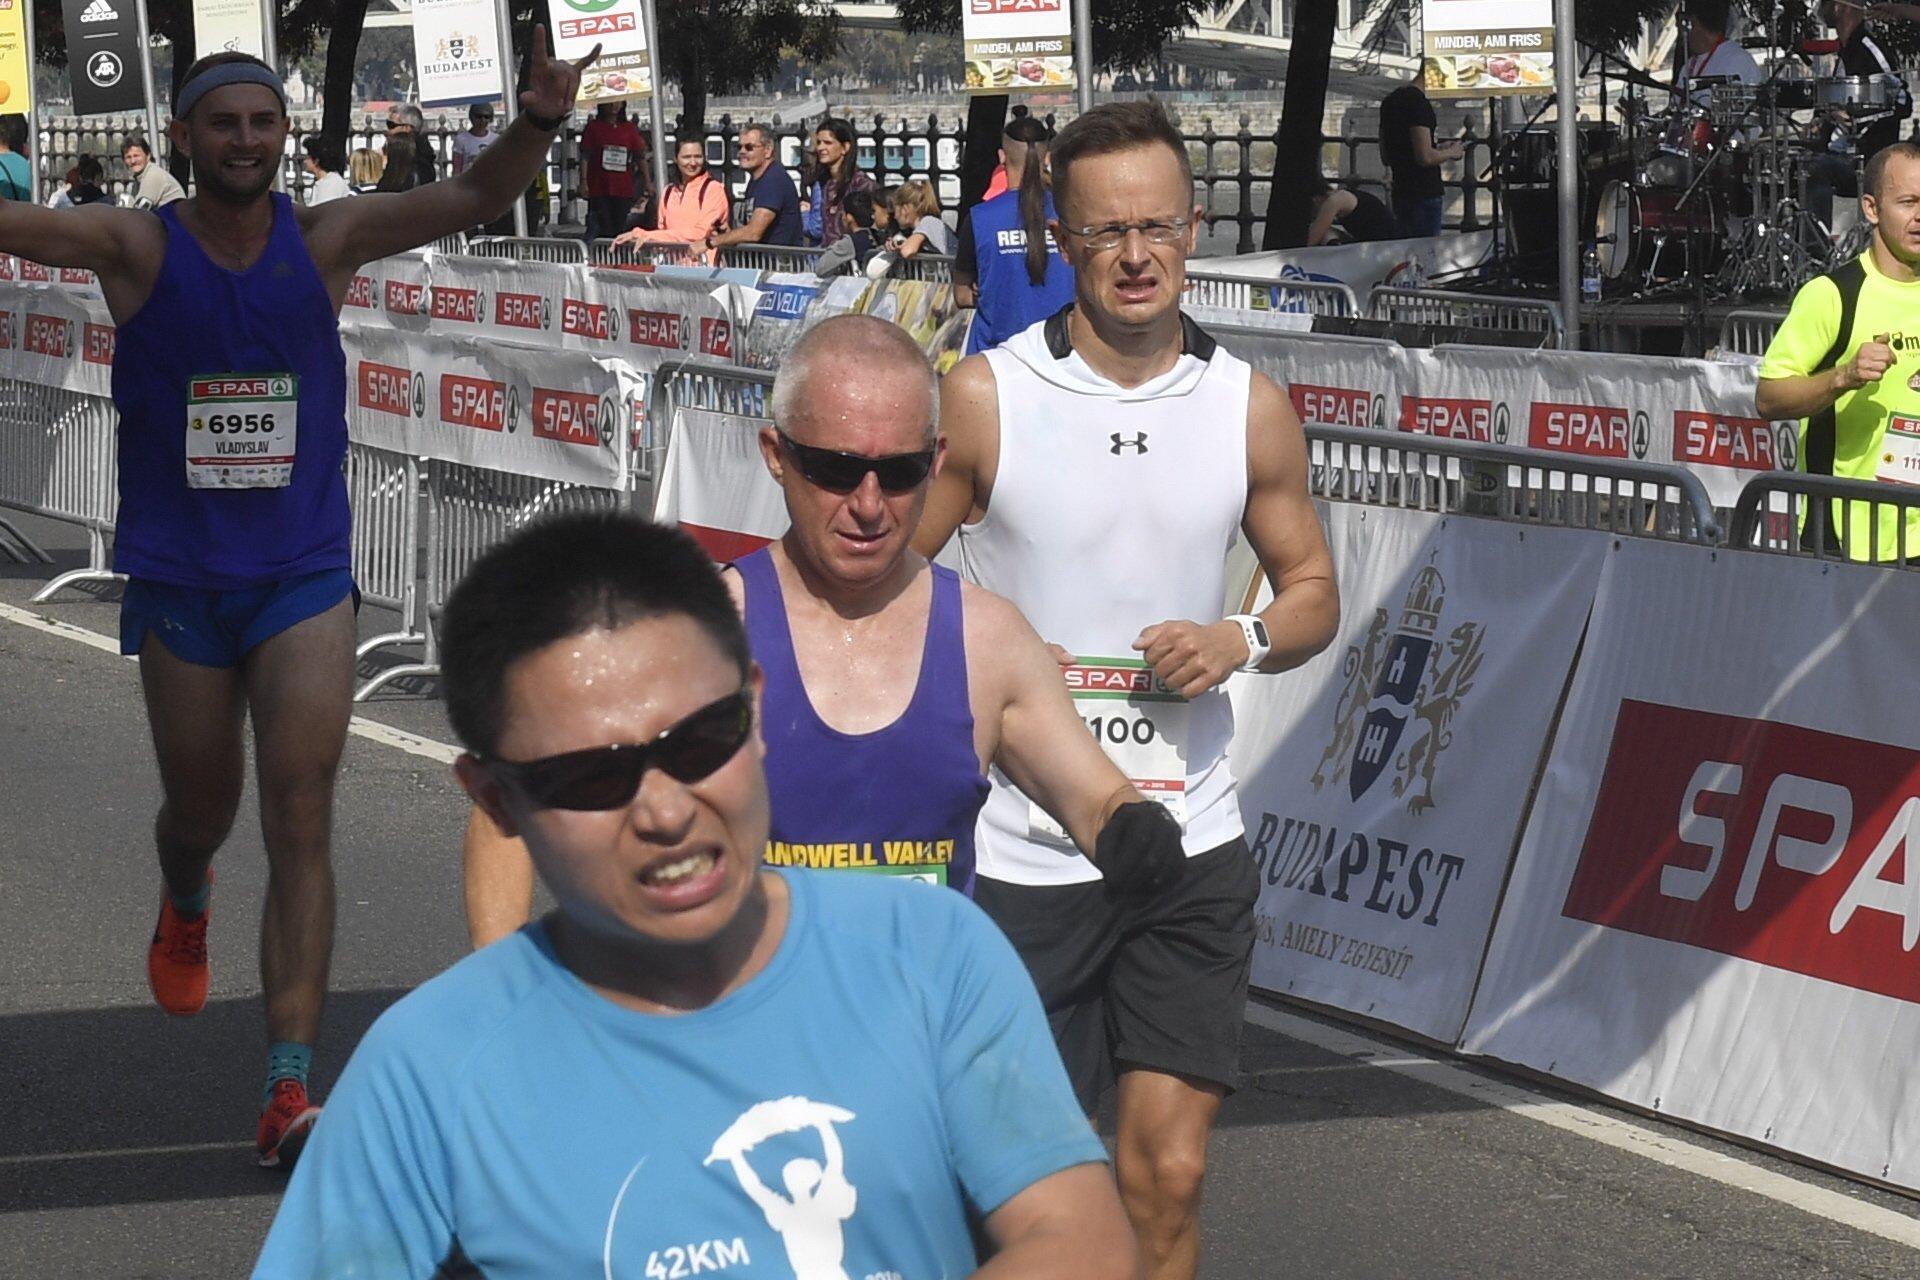 Hétvégén lesz a Budapest Maraton, jó sok lezárással